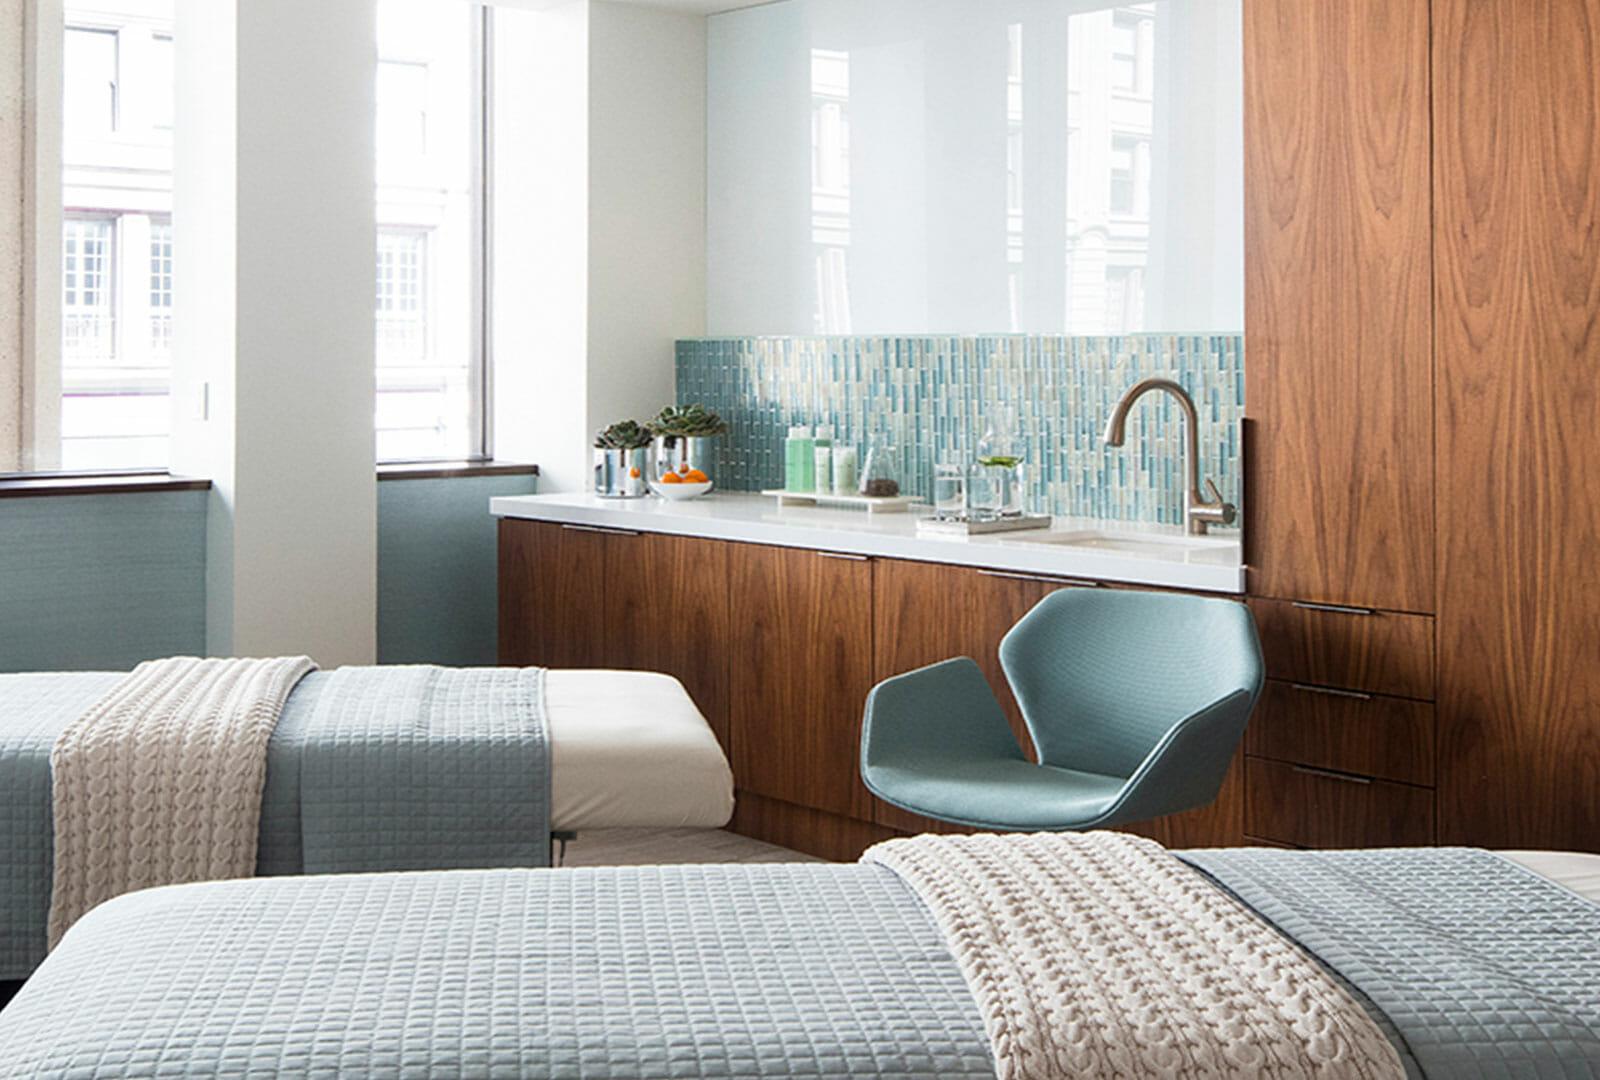 Internal-AquaVie-Treatment-Room-min.jpg